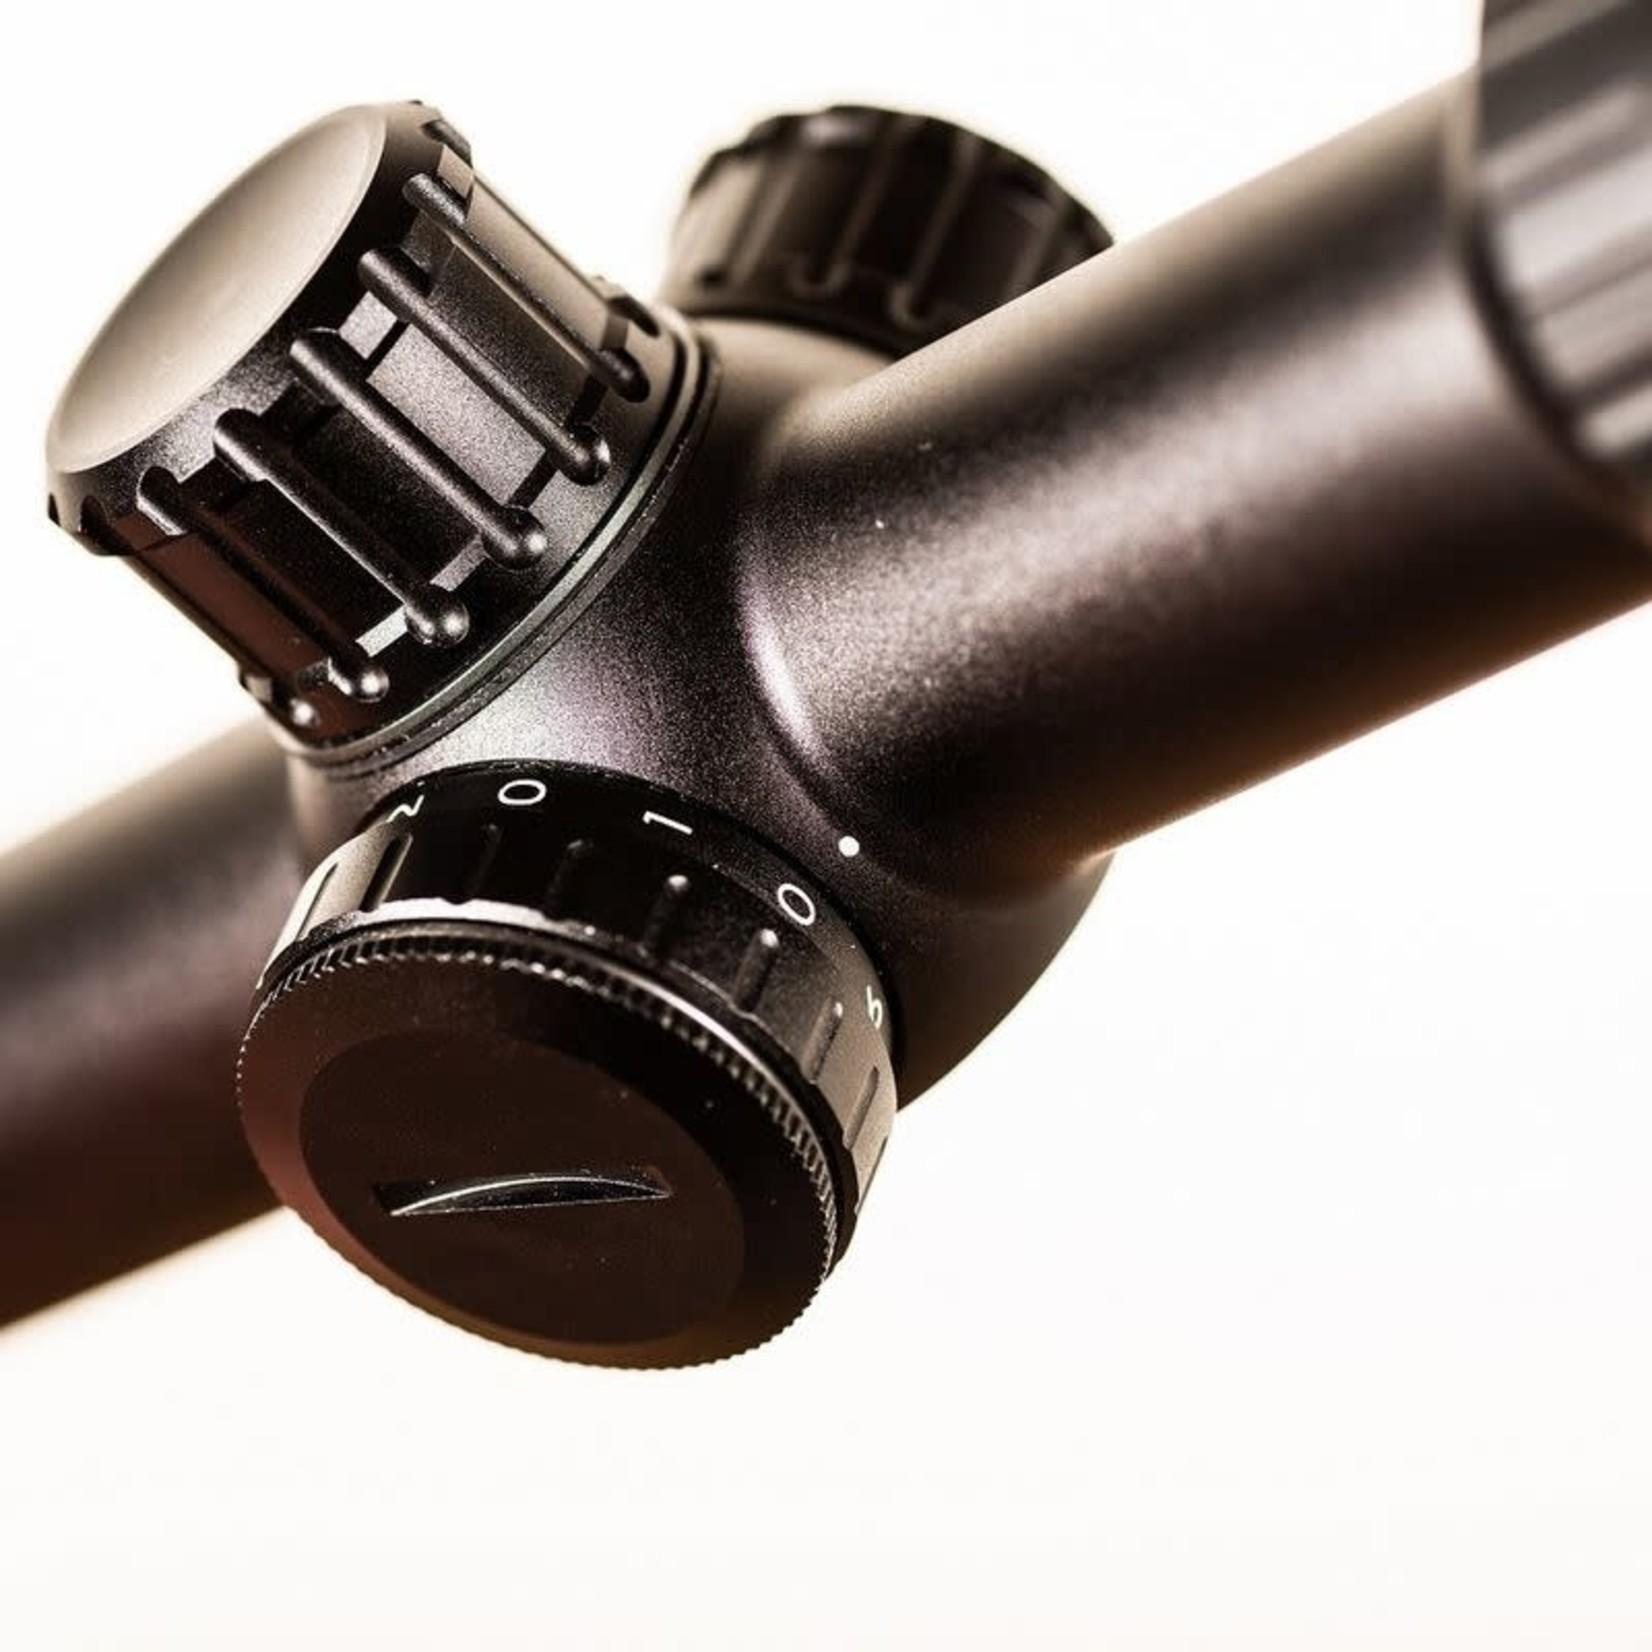 Bushnell Lunette De Visée Éclairée Prime ™ 3-9X40